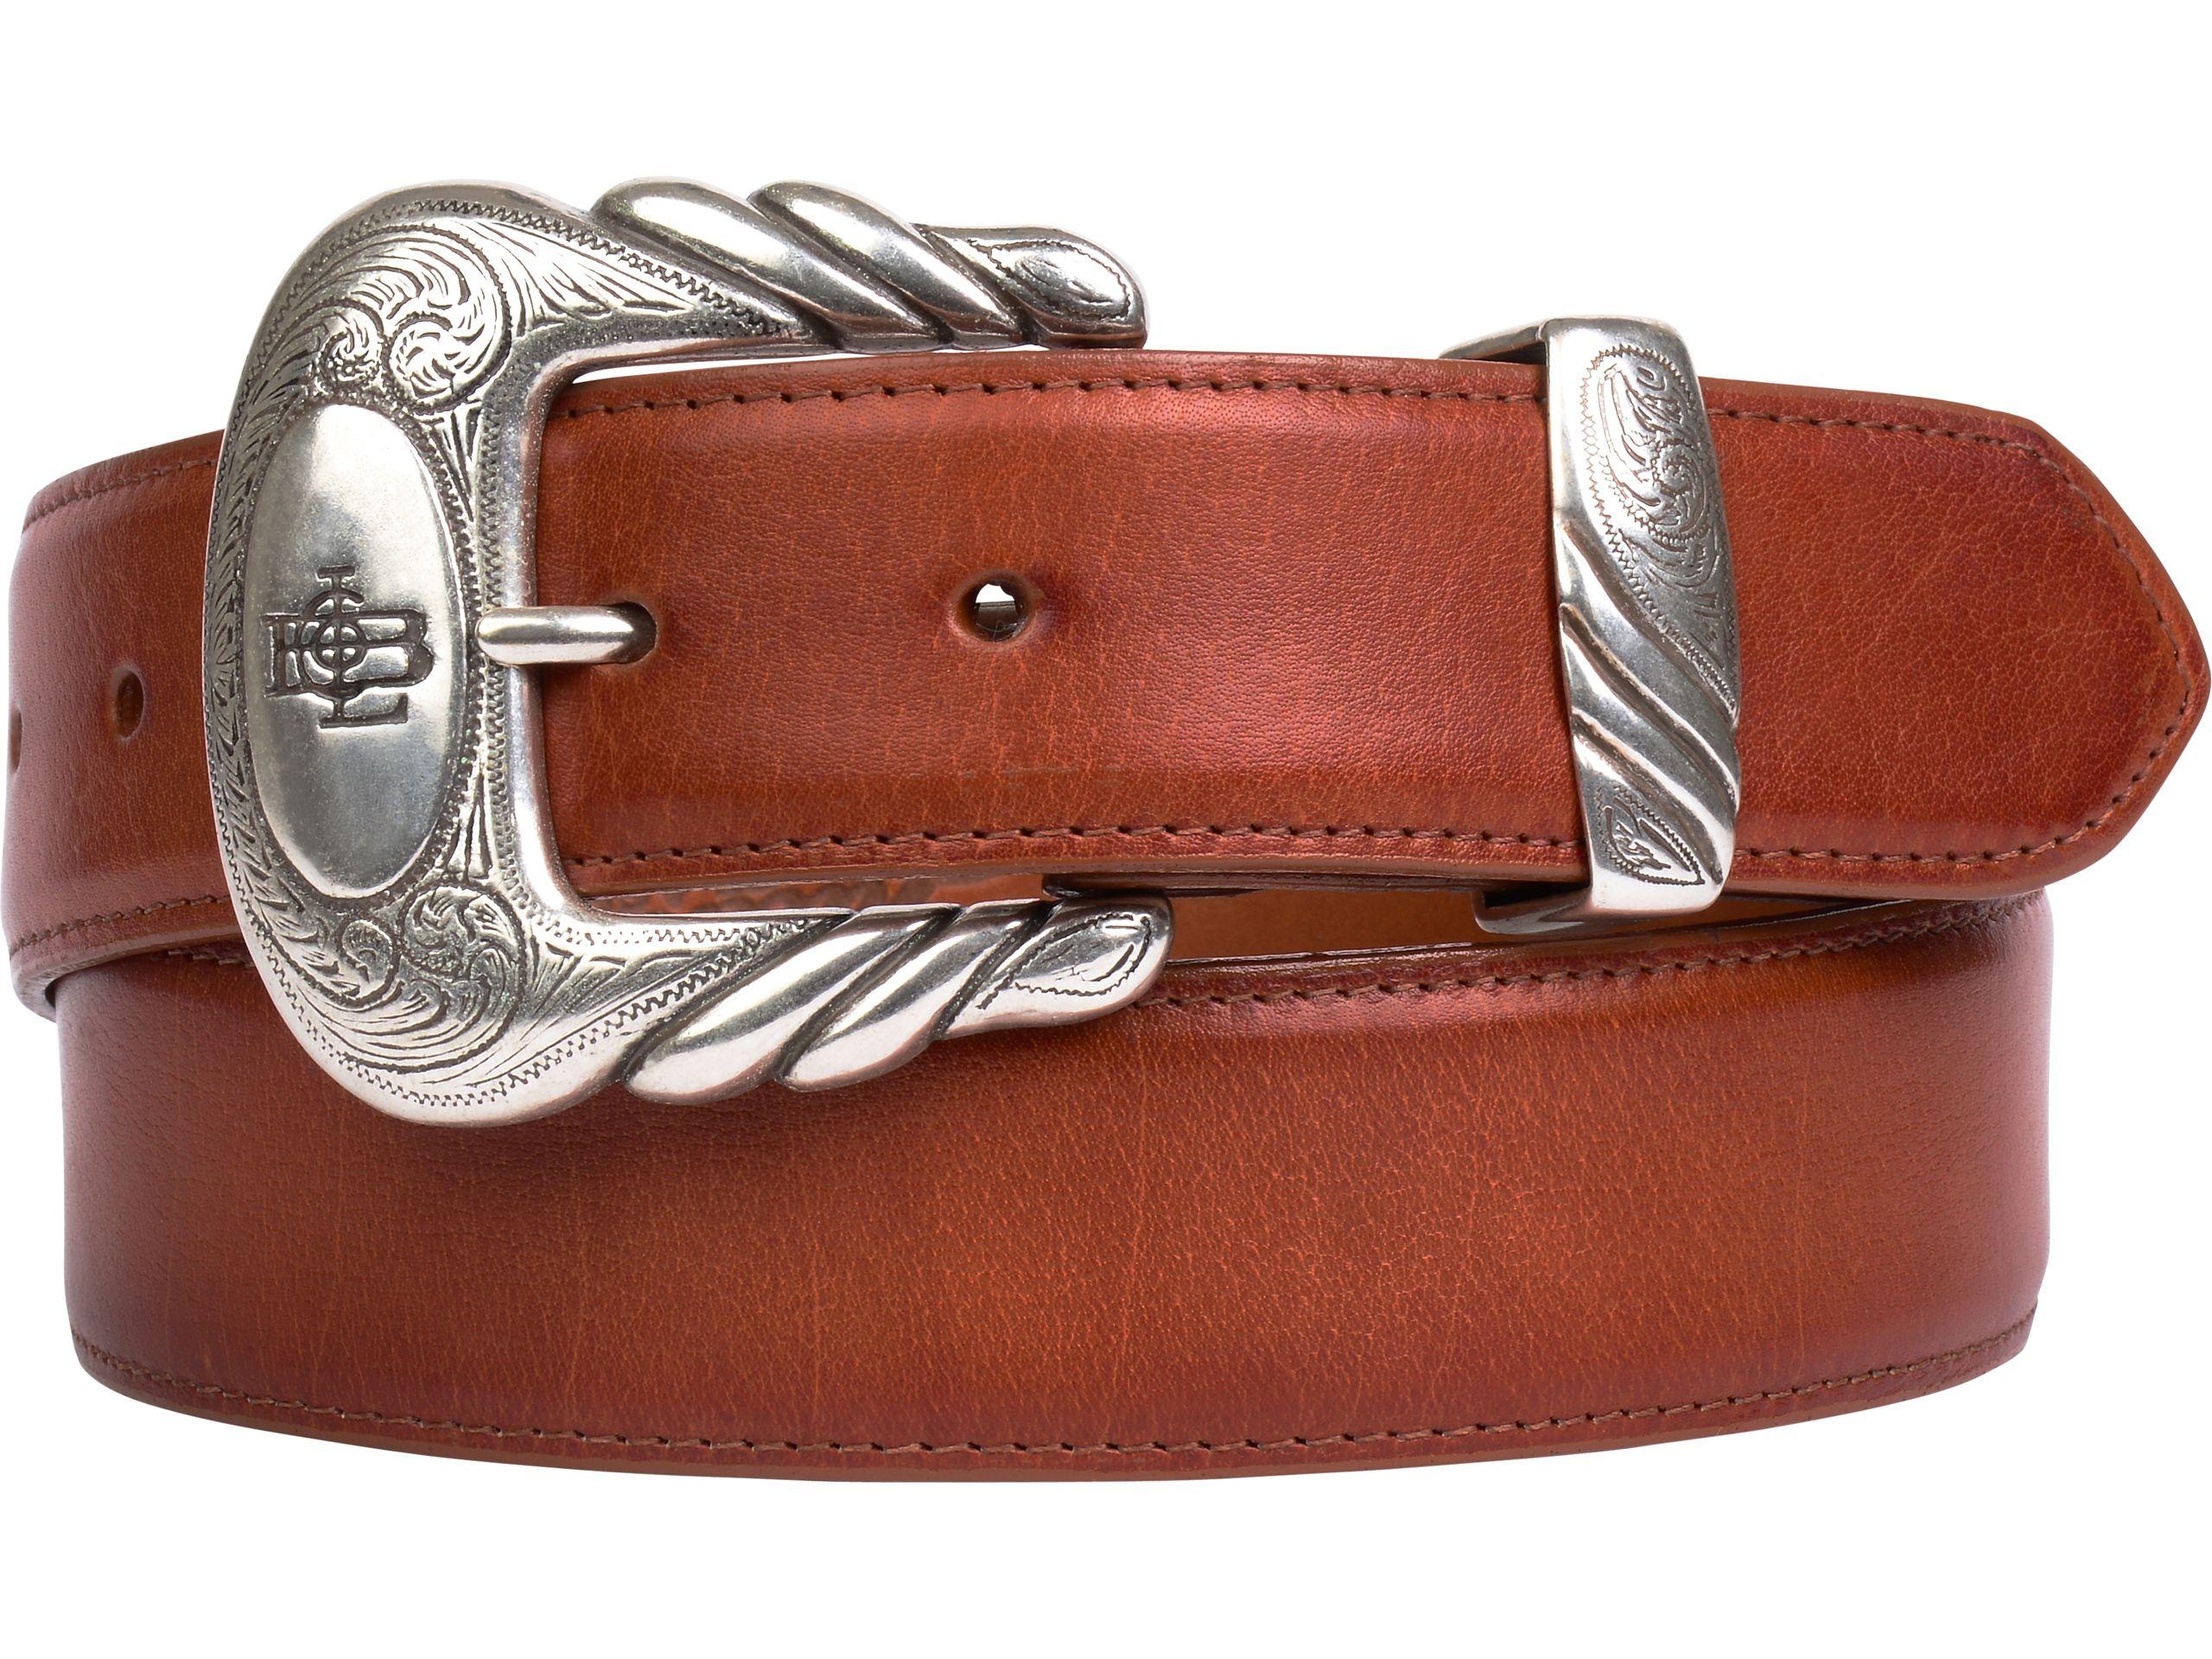 Lucchese Men's Belt | Baby Buffalo in Cognac Brown